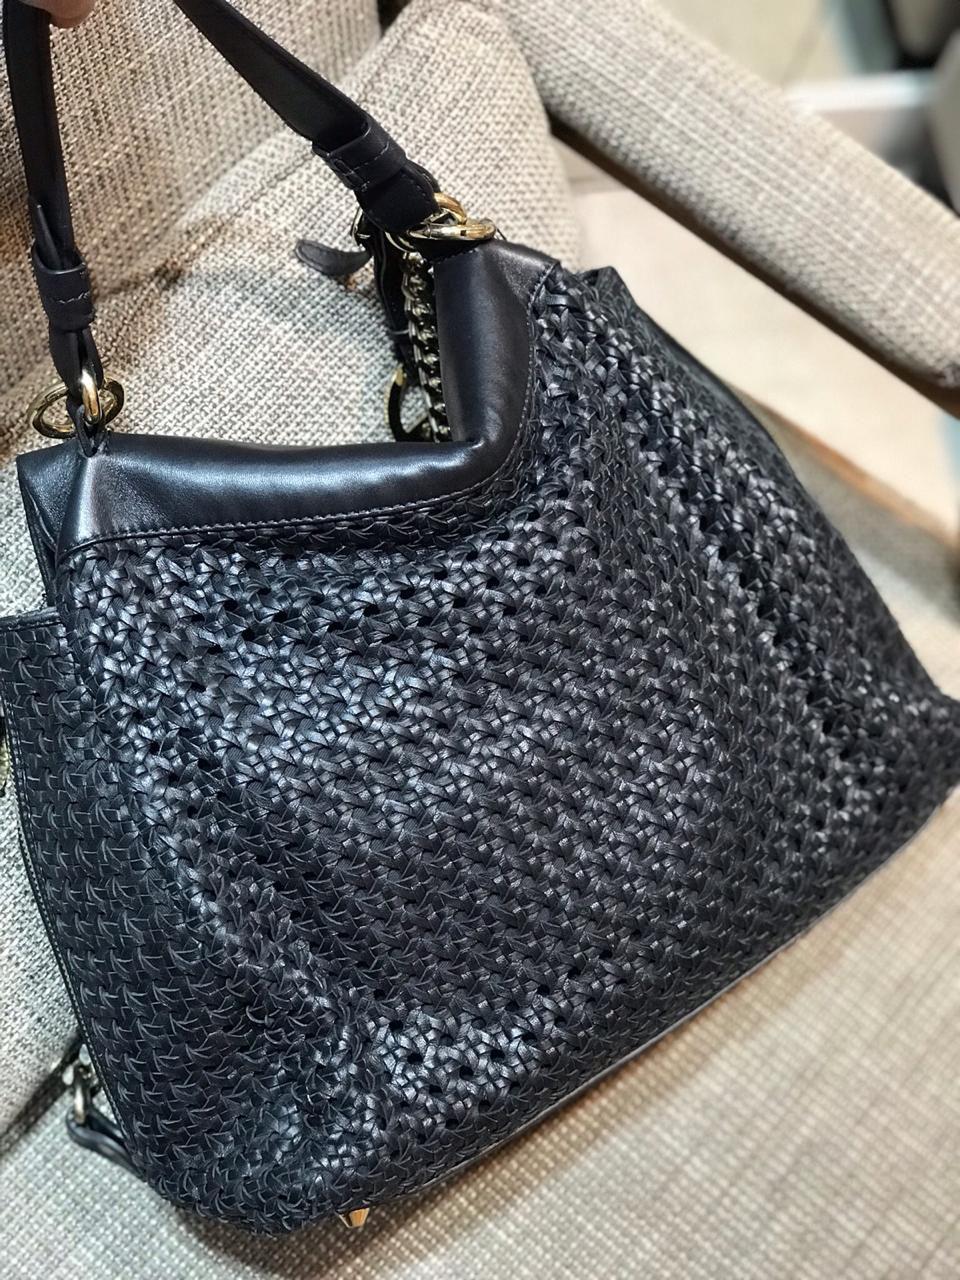 Bolsa Versace Preta Maxi